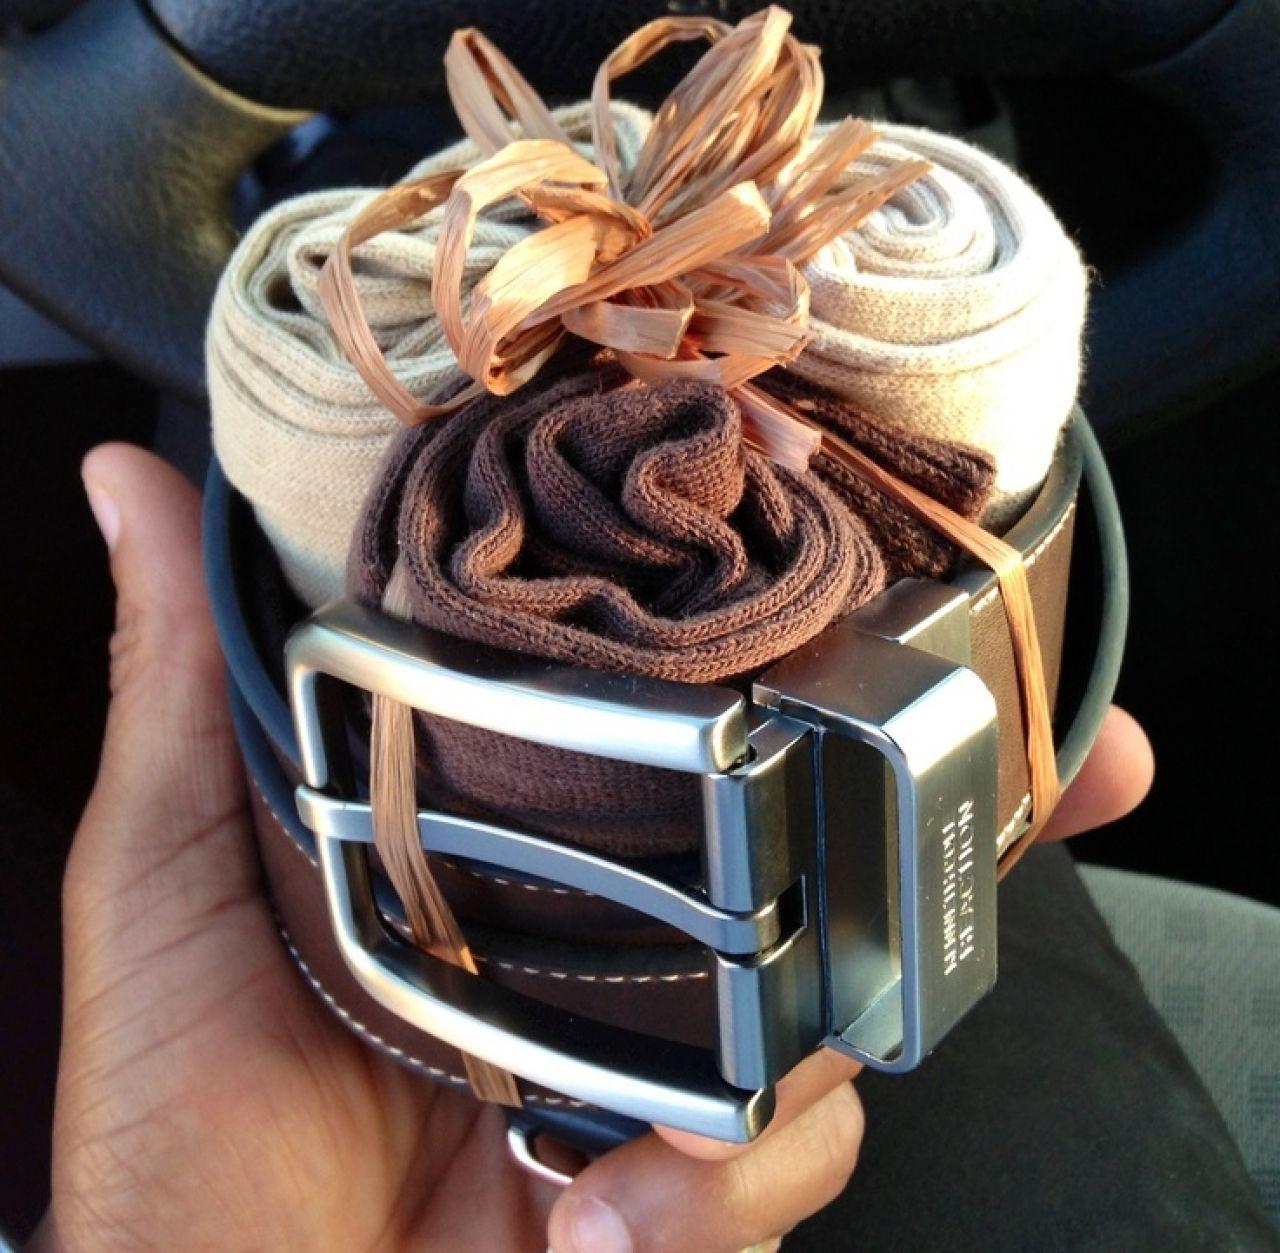 ❶Креативный подарок любимому на 23 февраля Надпись раскраска с 23 февраля 19 Best 23 февраля images   Cash gifts, Projects, Anniversaries Что подарить Ему в День влюбленных? }